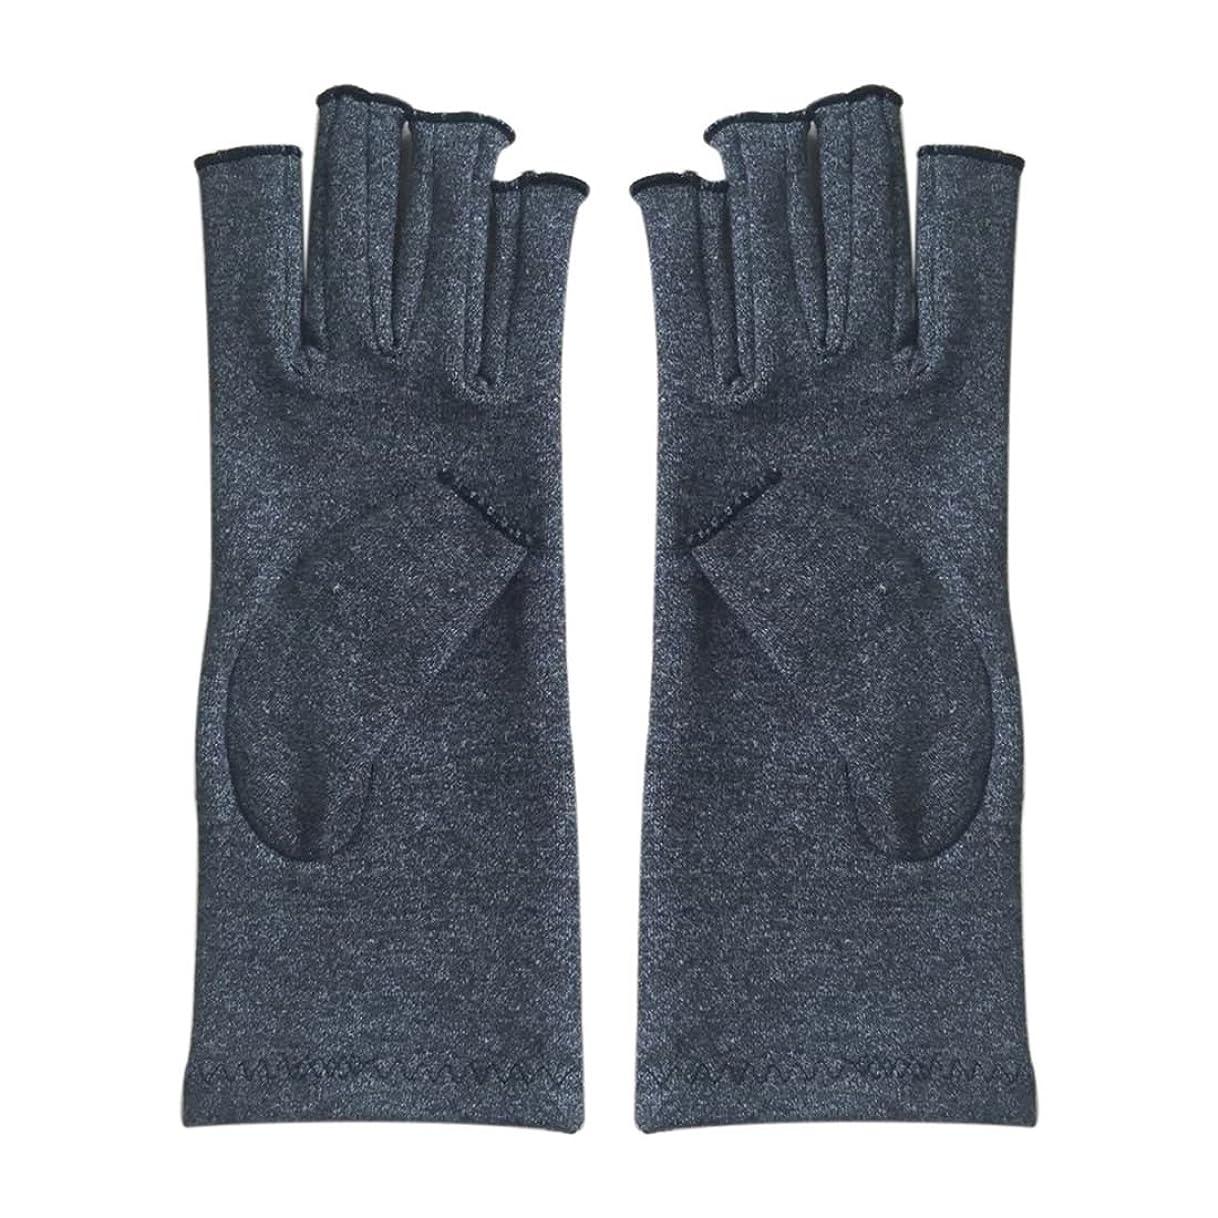 貫通する慣らす好戦的なCUHAWUDBA 1ペア成人男性女性用弾性コットンコンプレッション手袋手関節炎関節痛鎮痛軽減S -灰色、S